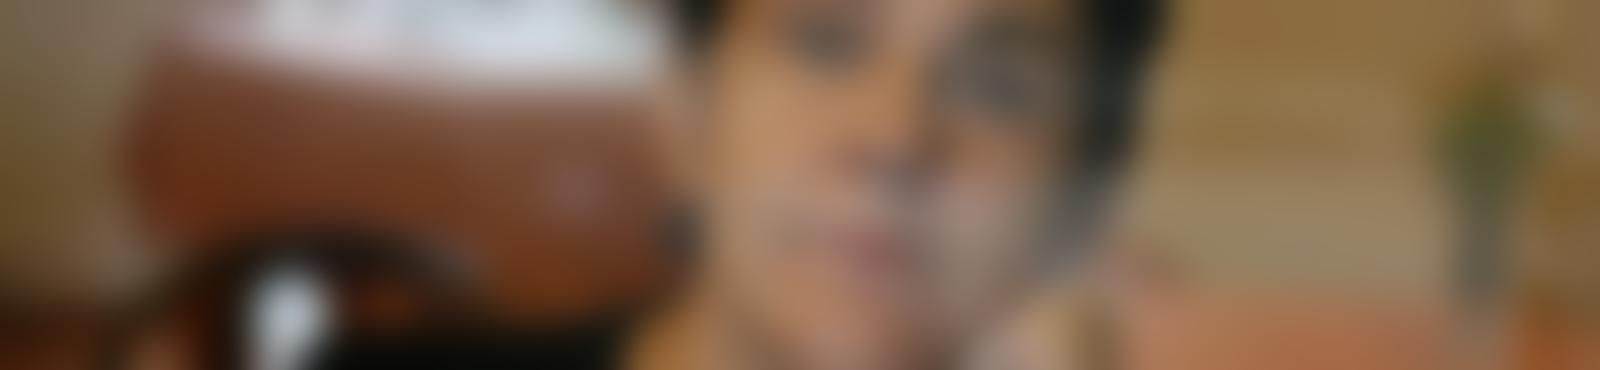 Blurred 4058e128 c134 436f 8b41 9bc871dfb126